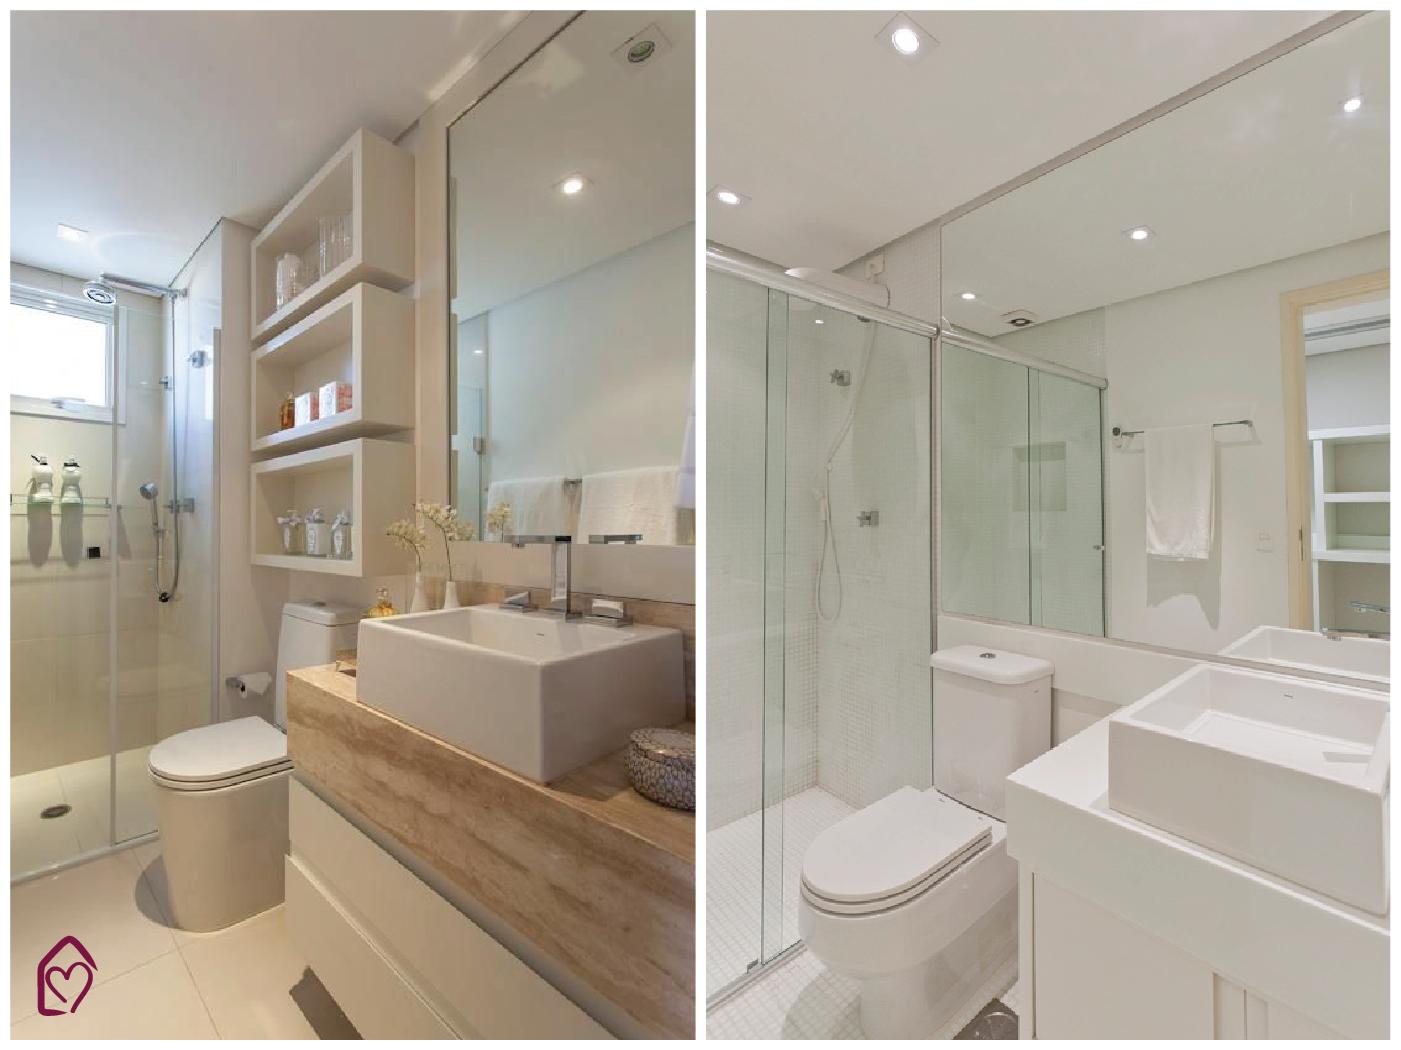 Casa das Amigas Arquivos #banheiro  Casa das Amigas -> Banheiro Pequeno Creme